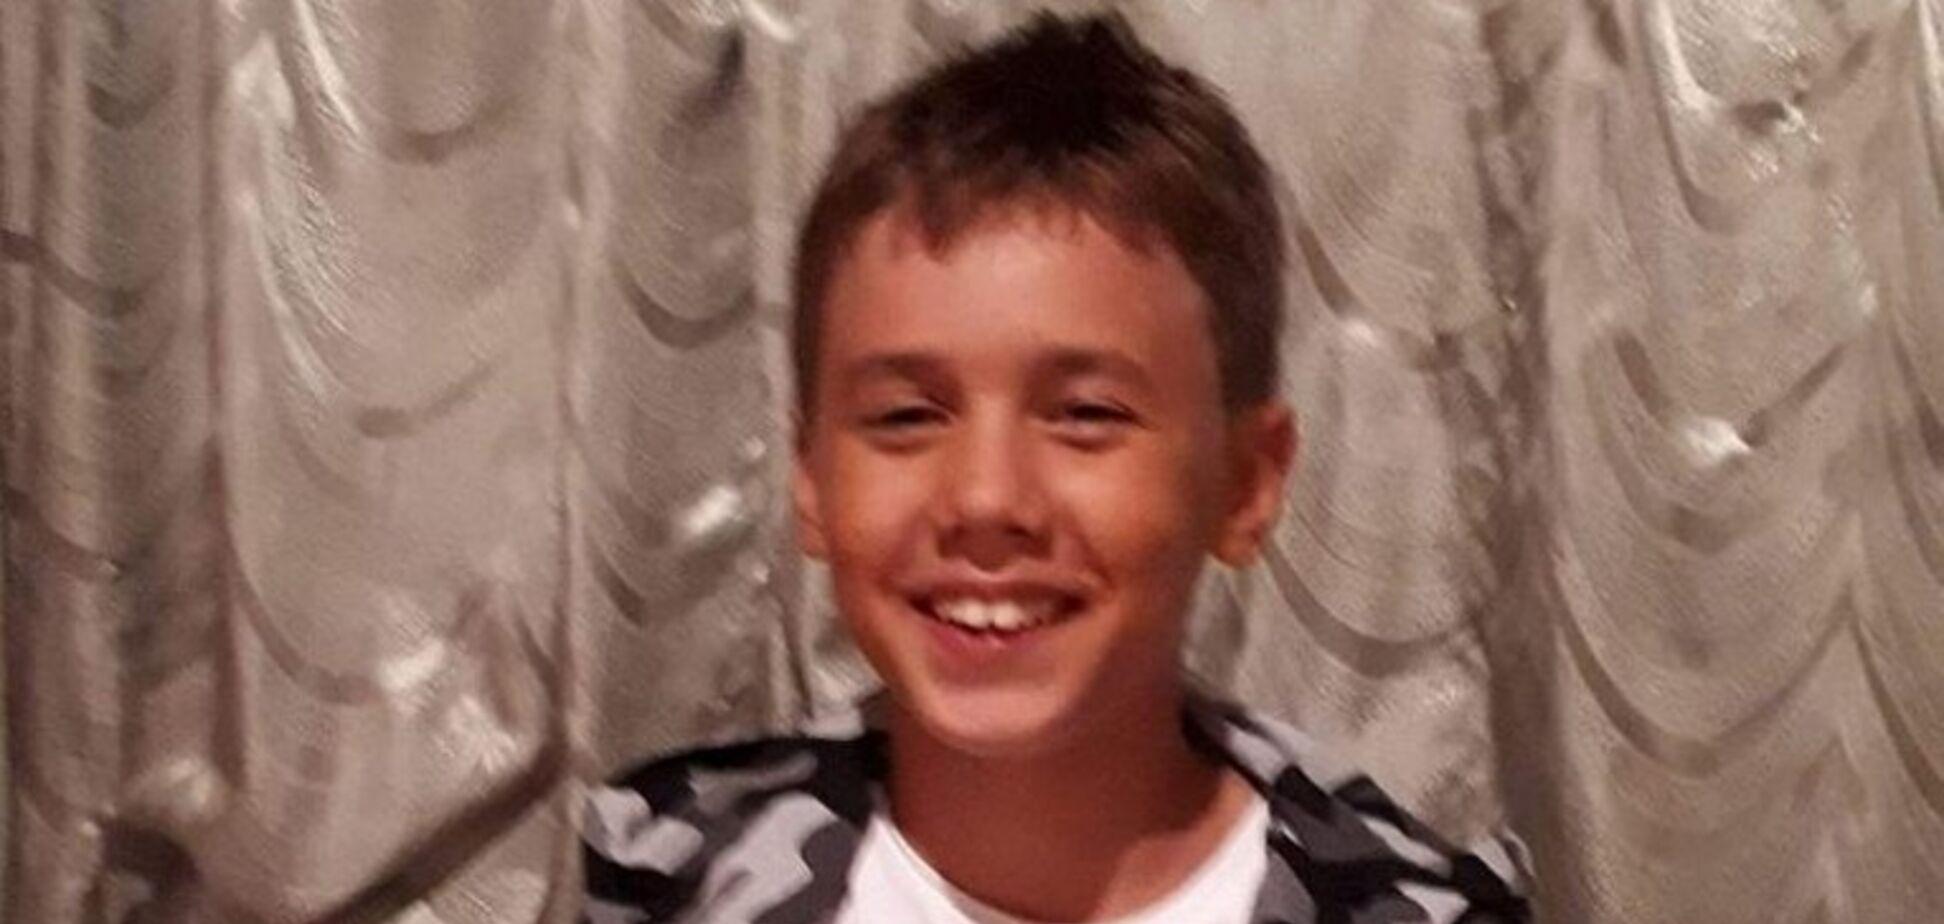 У Києві пішов до школи і зник хлопець: прикмети й фото